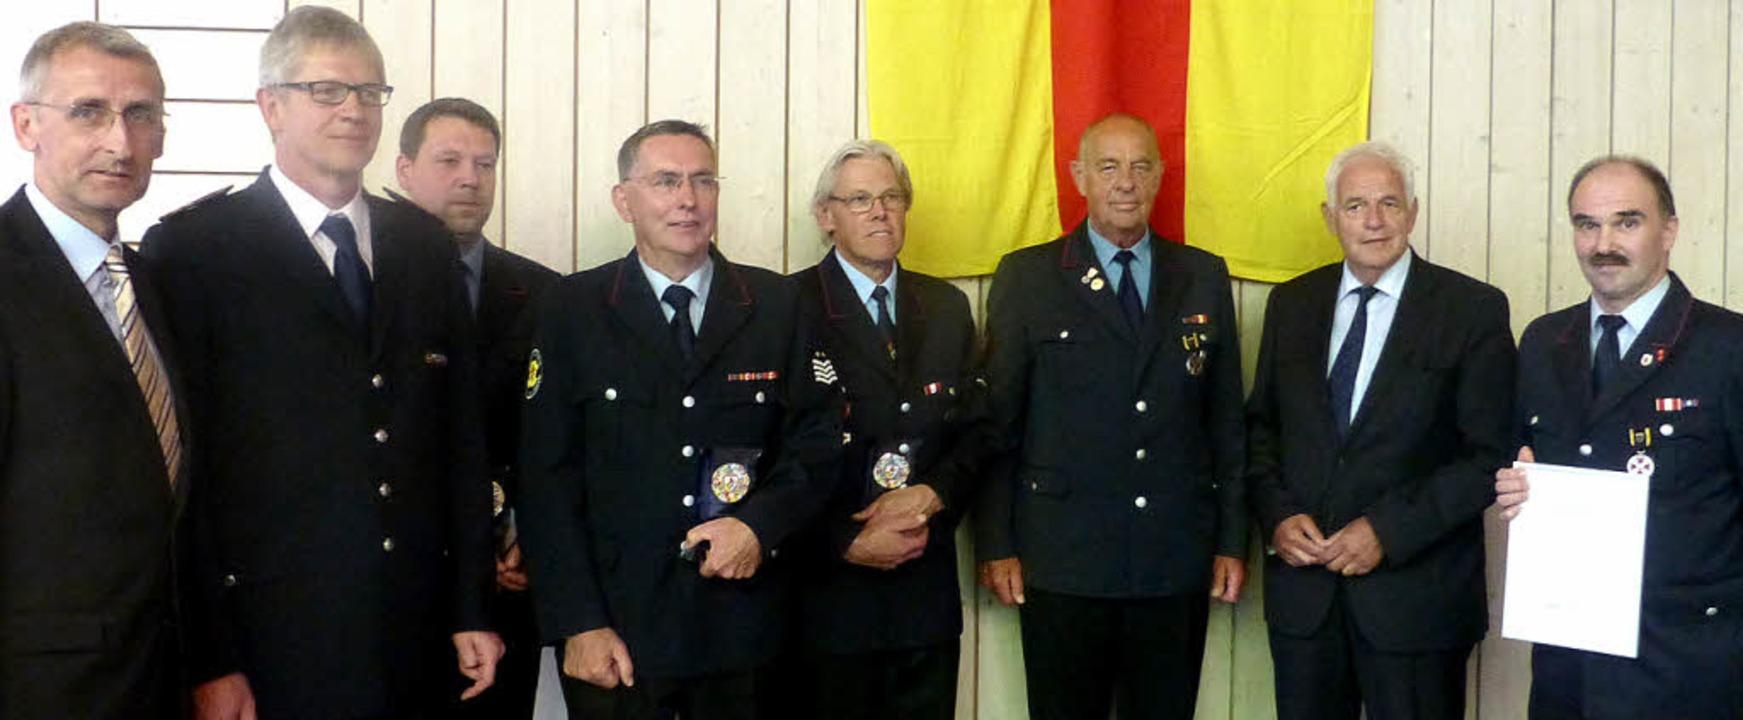 MdB-Armin Schuster (links), Verbandsvo...ard Thomann, Kurt Hupfer (von links).   | Foto: Reinhardt